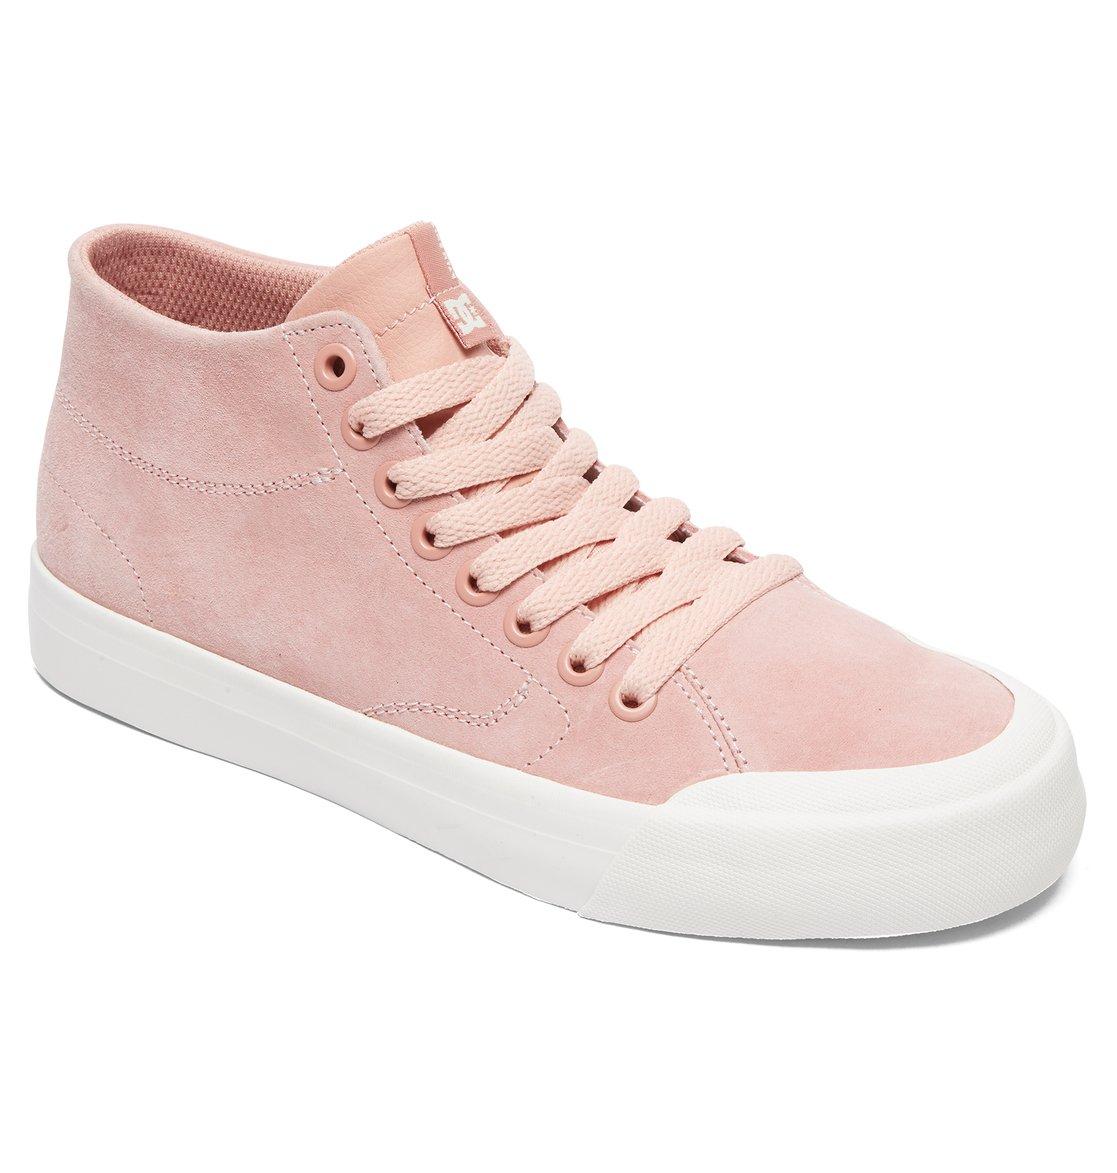 Evan Hi - Chaussures montantes en cuir - Blanc - DC Shoes